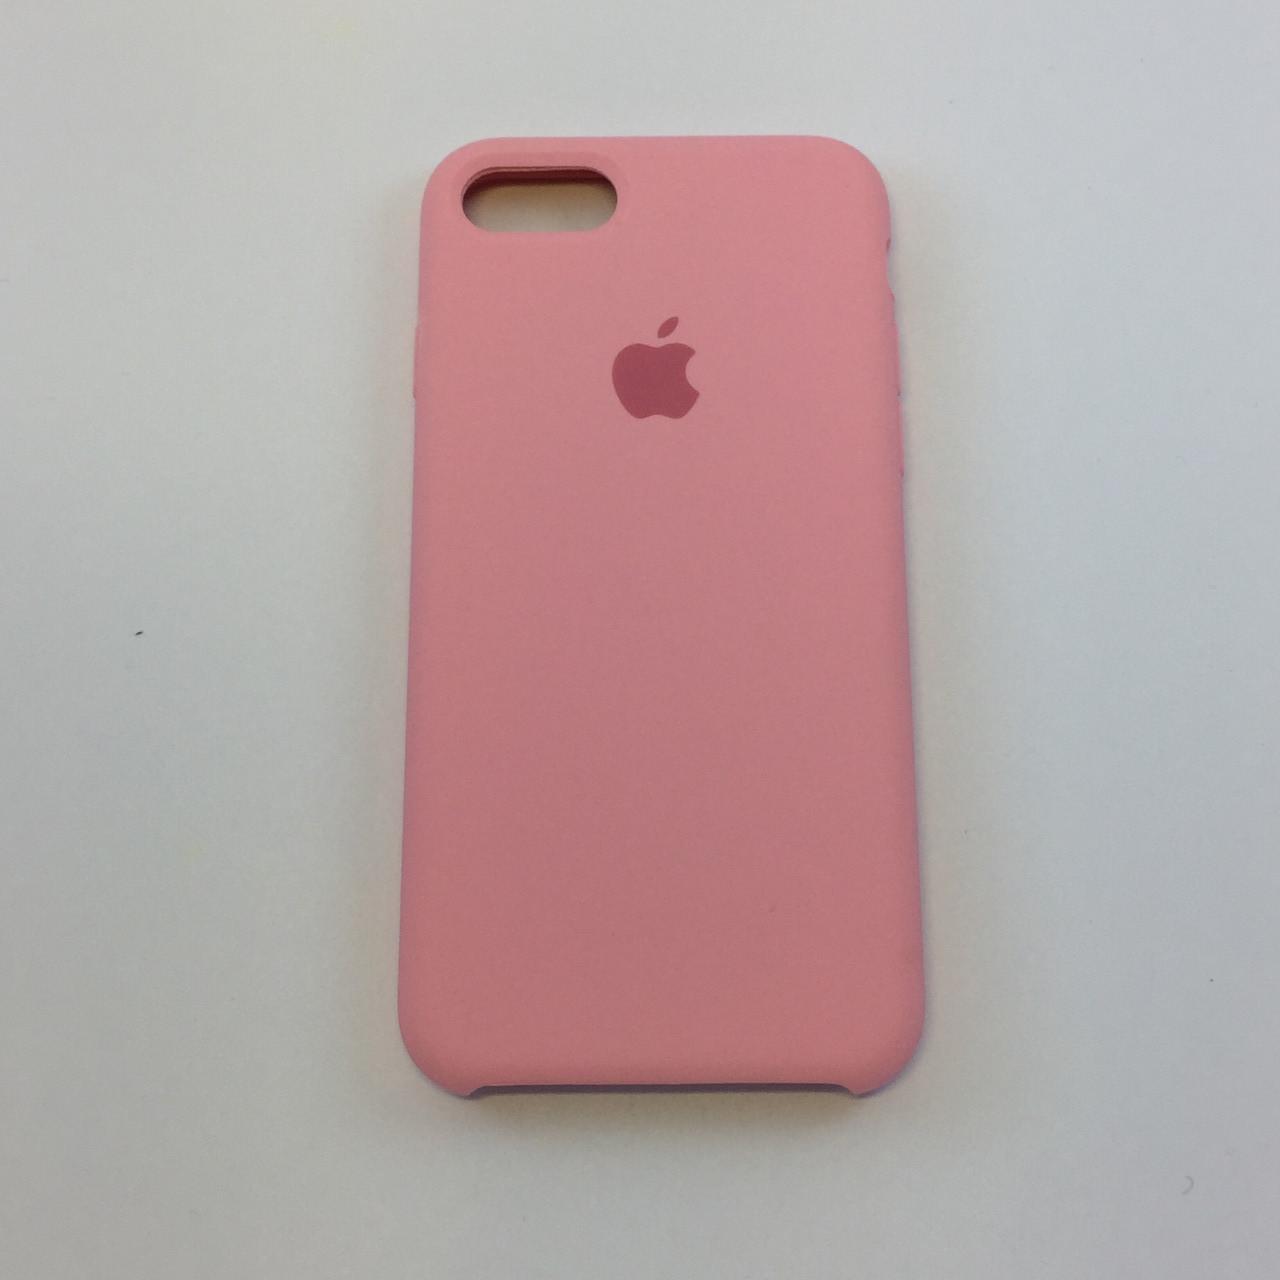 Силиконовый чехол iPhone 7 Plus / 8 Plus, цветущая роза, силикон, copy original